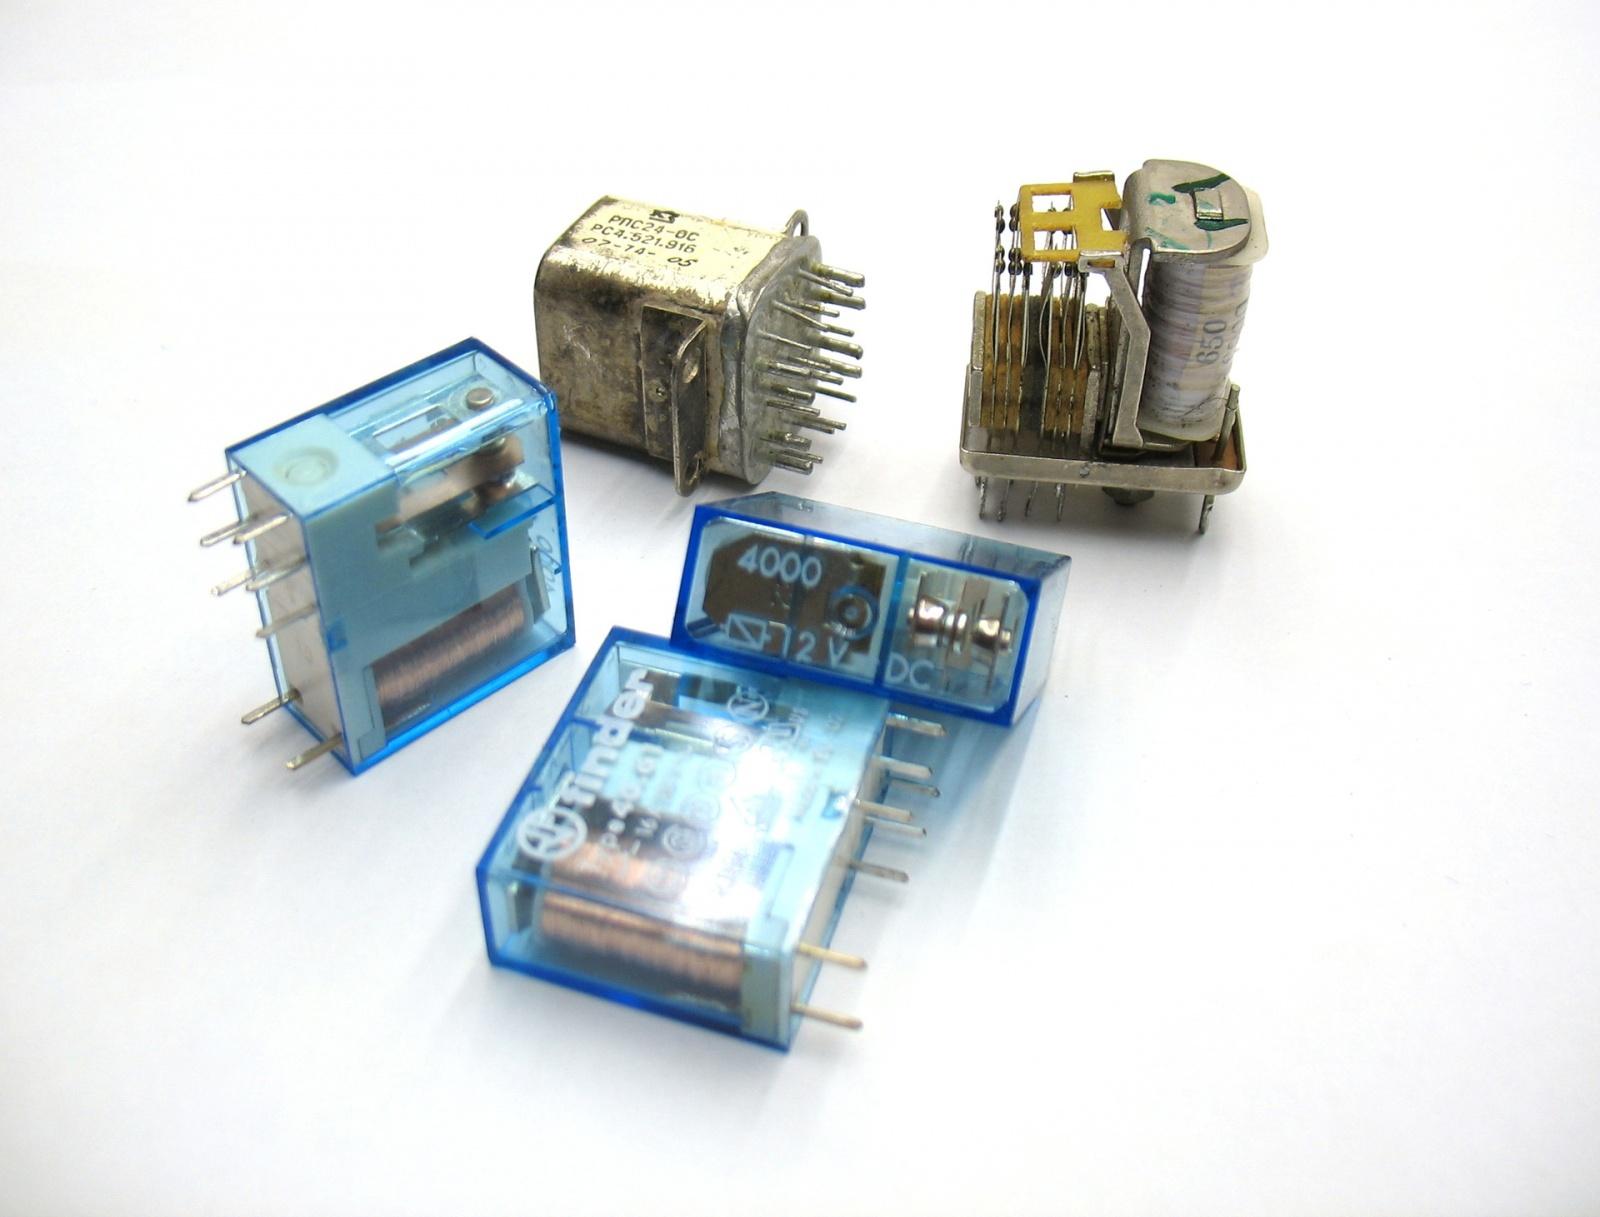 Руководство по материалам электротехники для всех. Часть 1 - 3